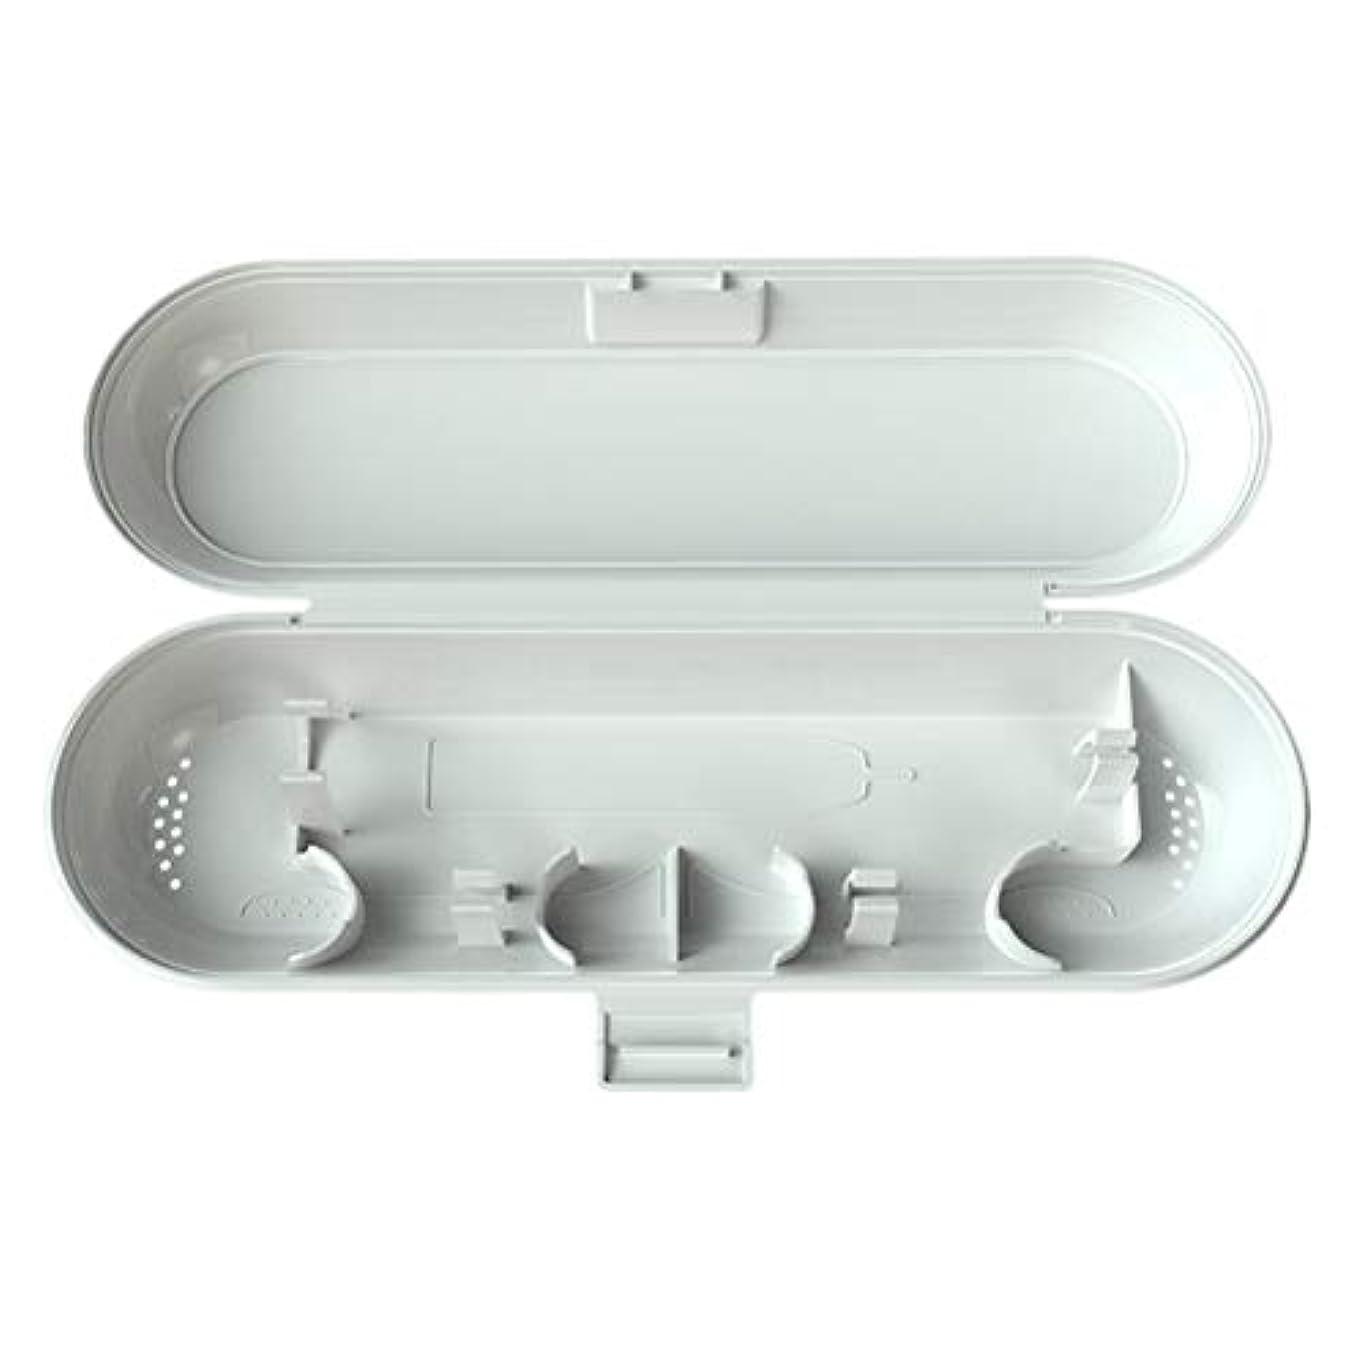 助言するニックネーム処方TOPBATHYポータブルプラスチック製電動歯ブラシケースキャンプ用トラベルブラシトラベルボックス(ホワイト)